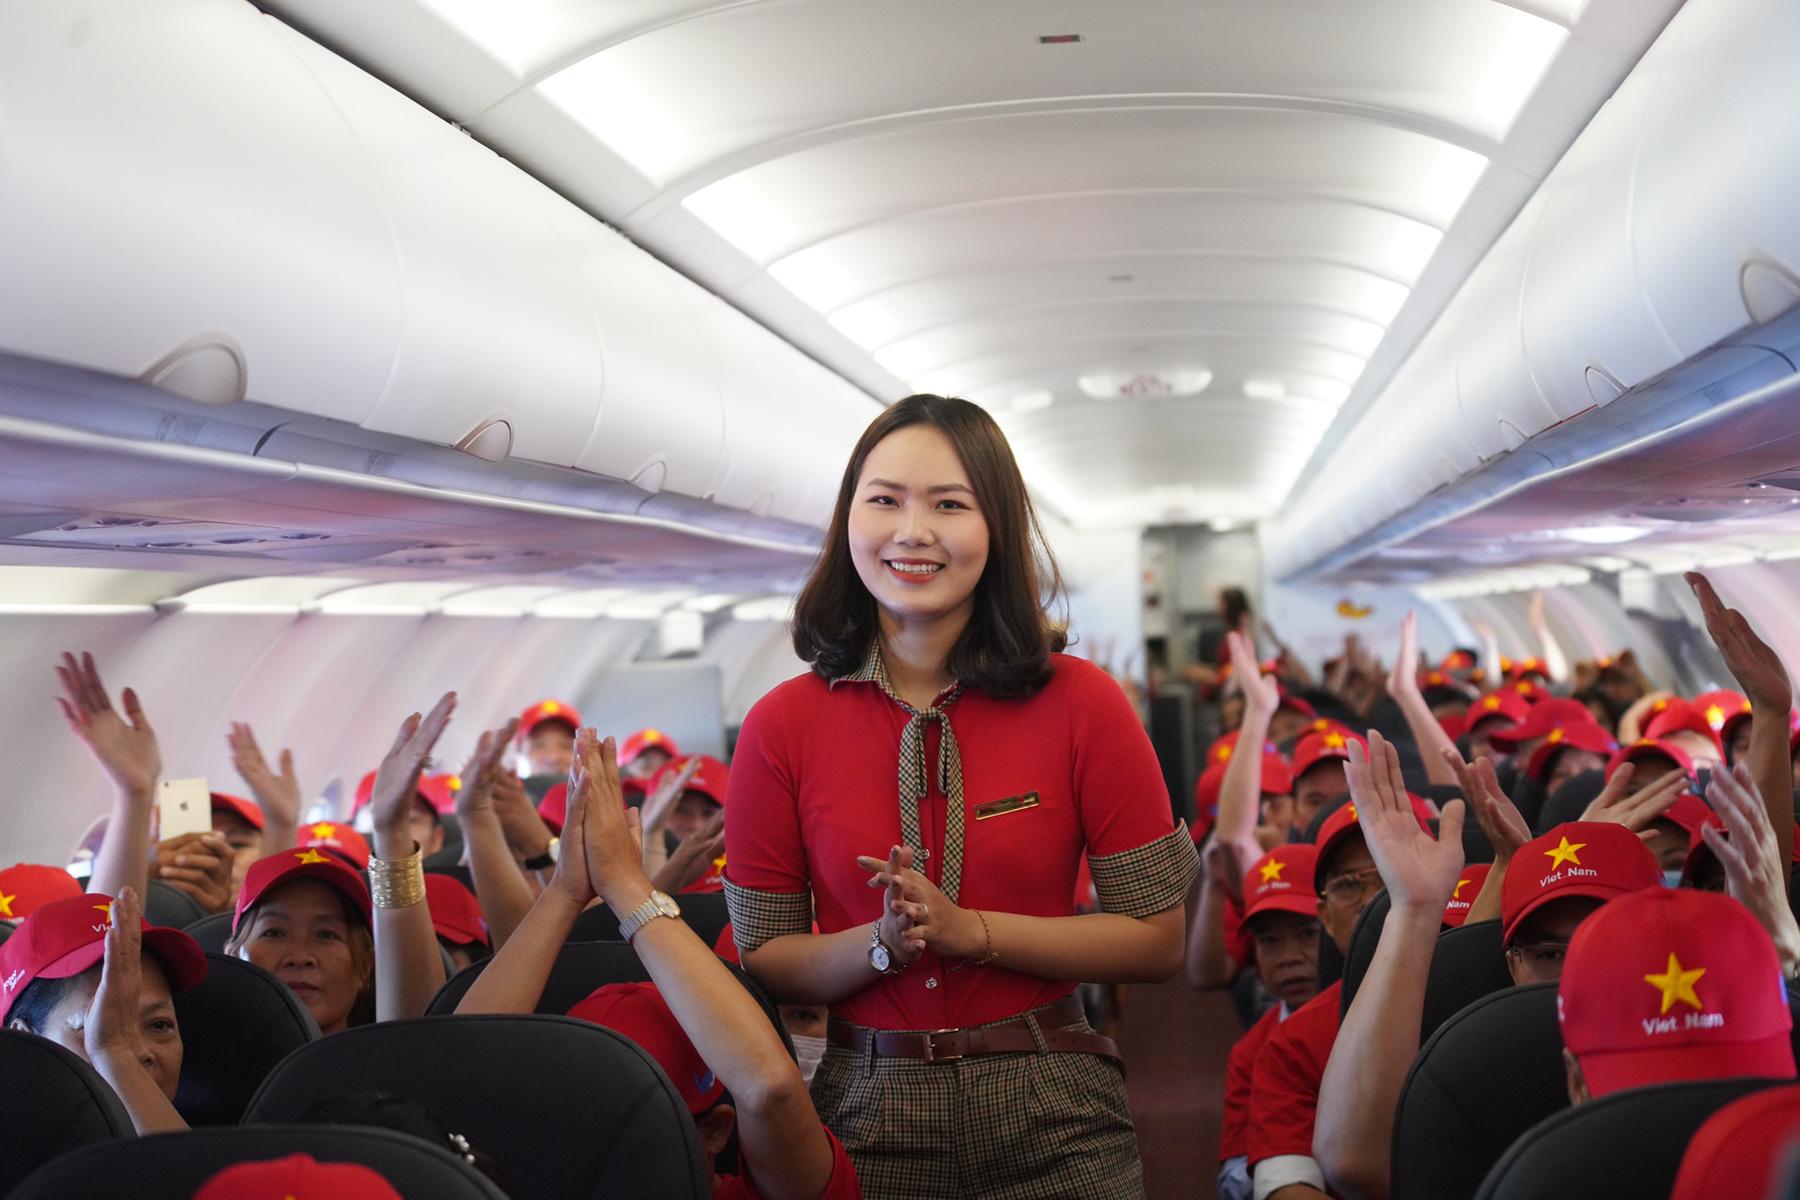 Vượt nắng, vượt gió, phượt Việt Nam cùng những chuyến bay Vietjet - Ảnh 2.